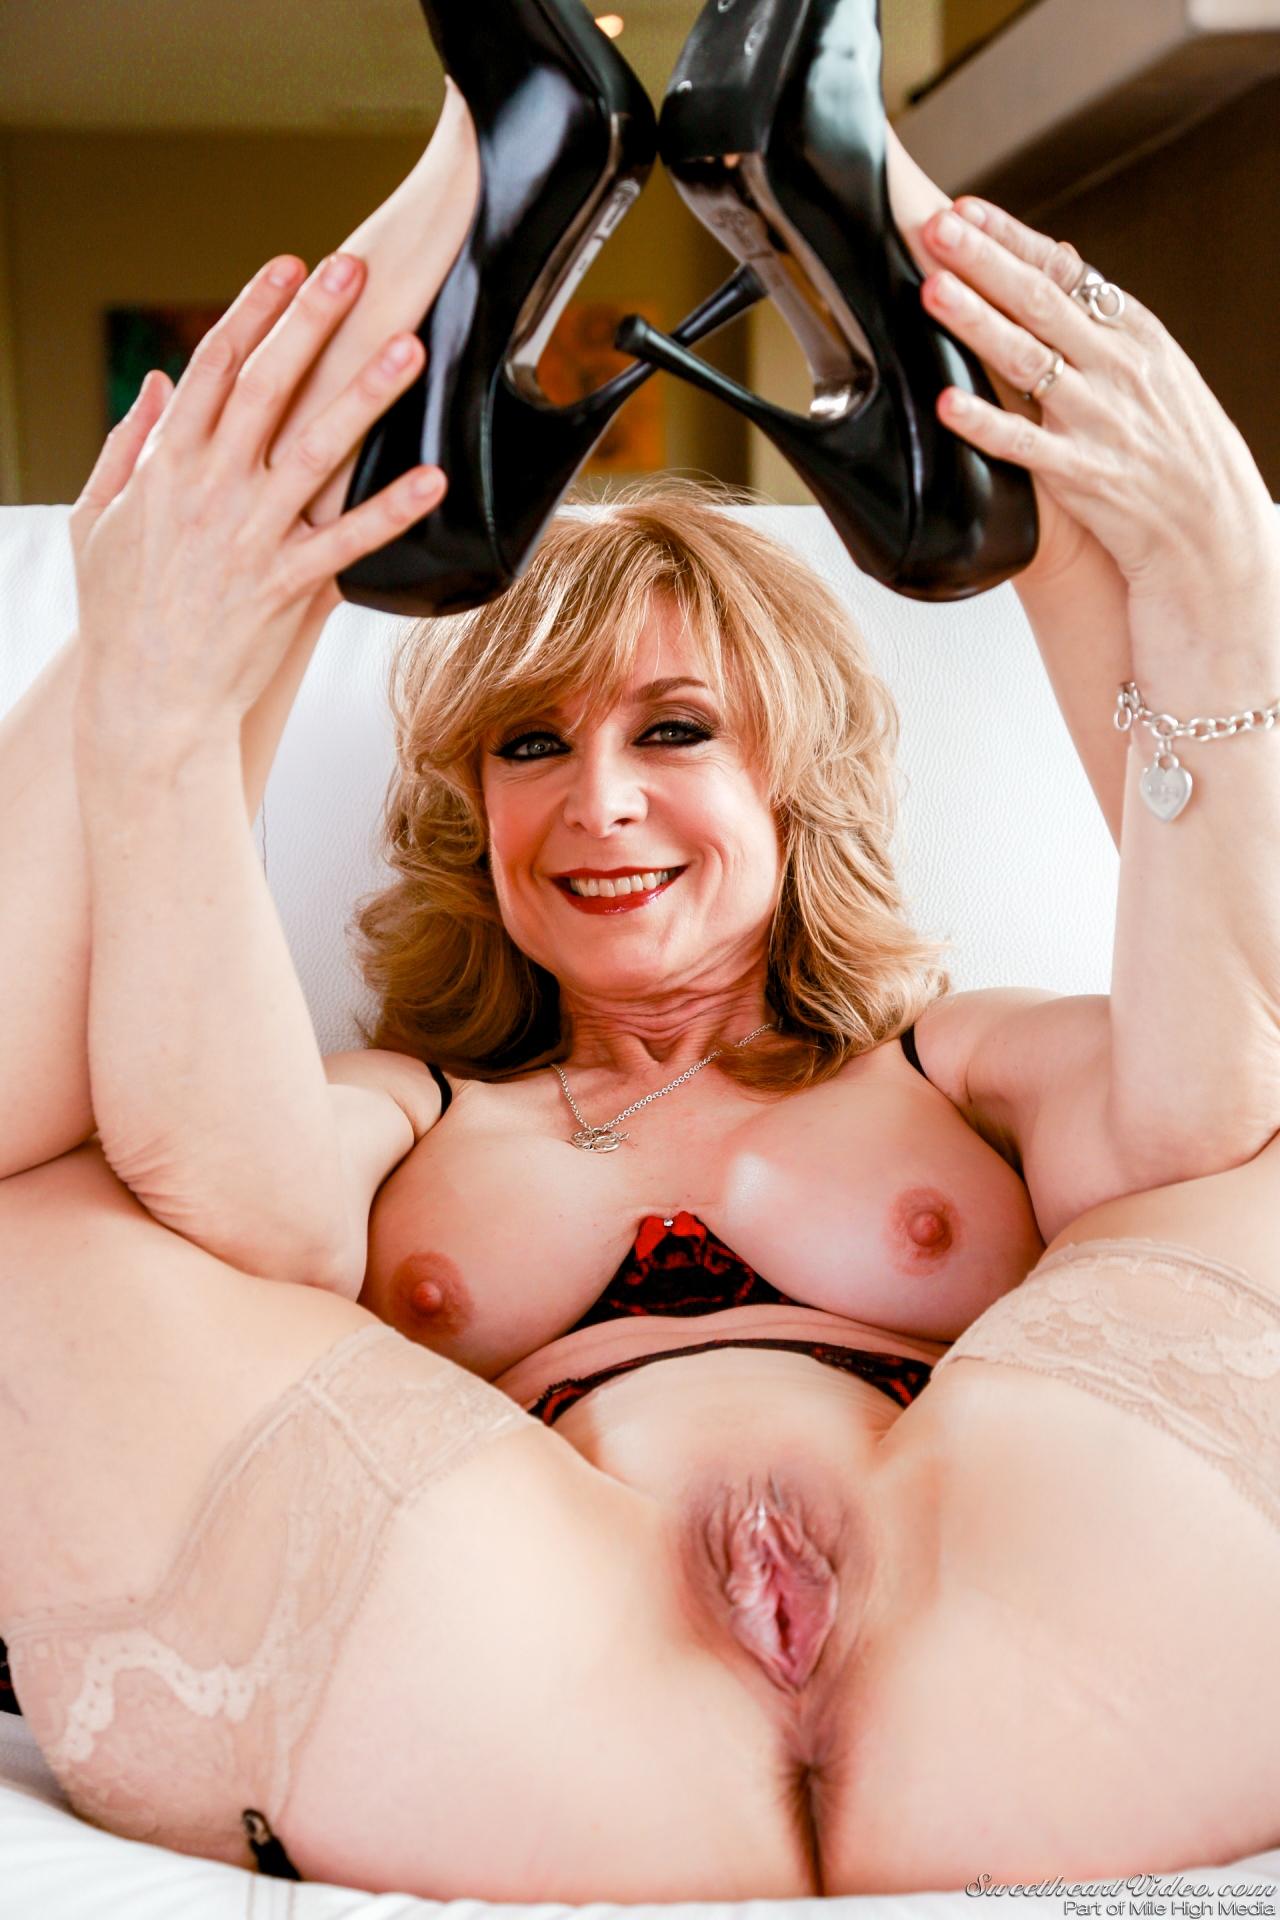 Nina Hartley Videos sweetheart video nina hartley deauxma pornstar picture xxx